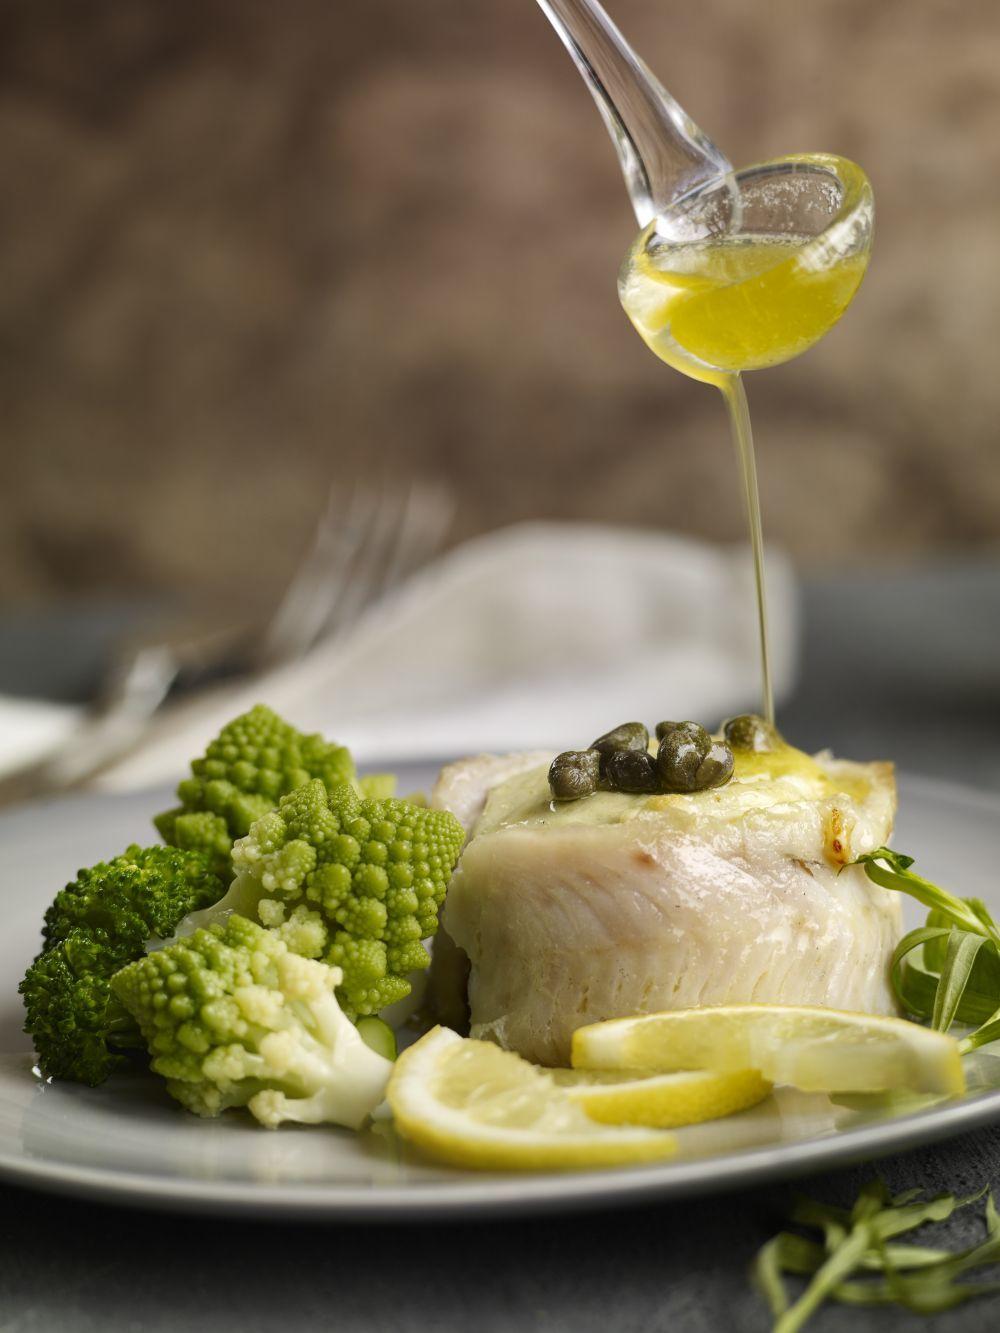 Pescado blanco con limón y brócoli, otra opción deliciosa para cenar de la forma más sana, ligera y completa. Adereza con aceite de oliva y limón.